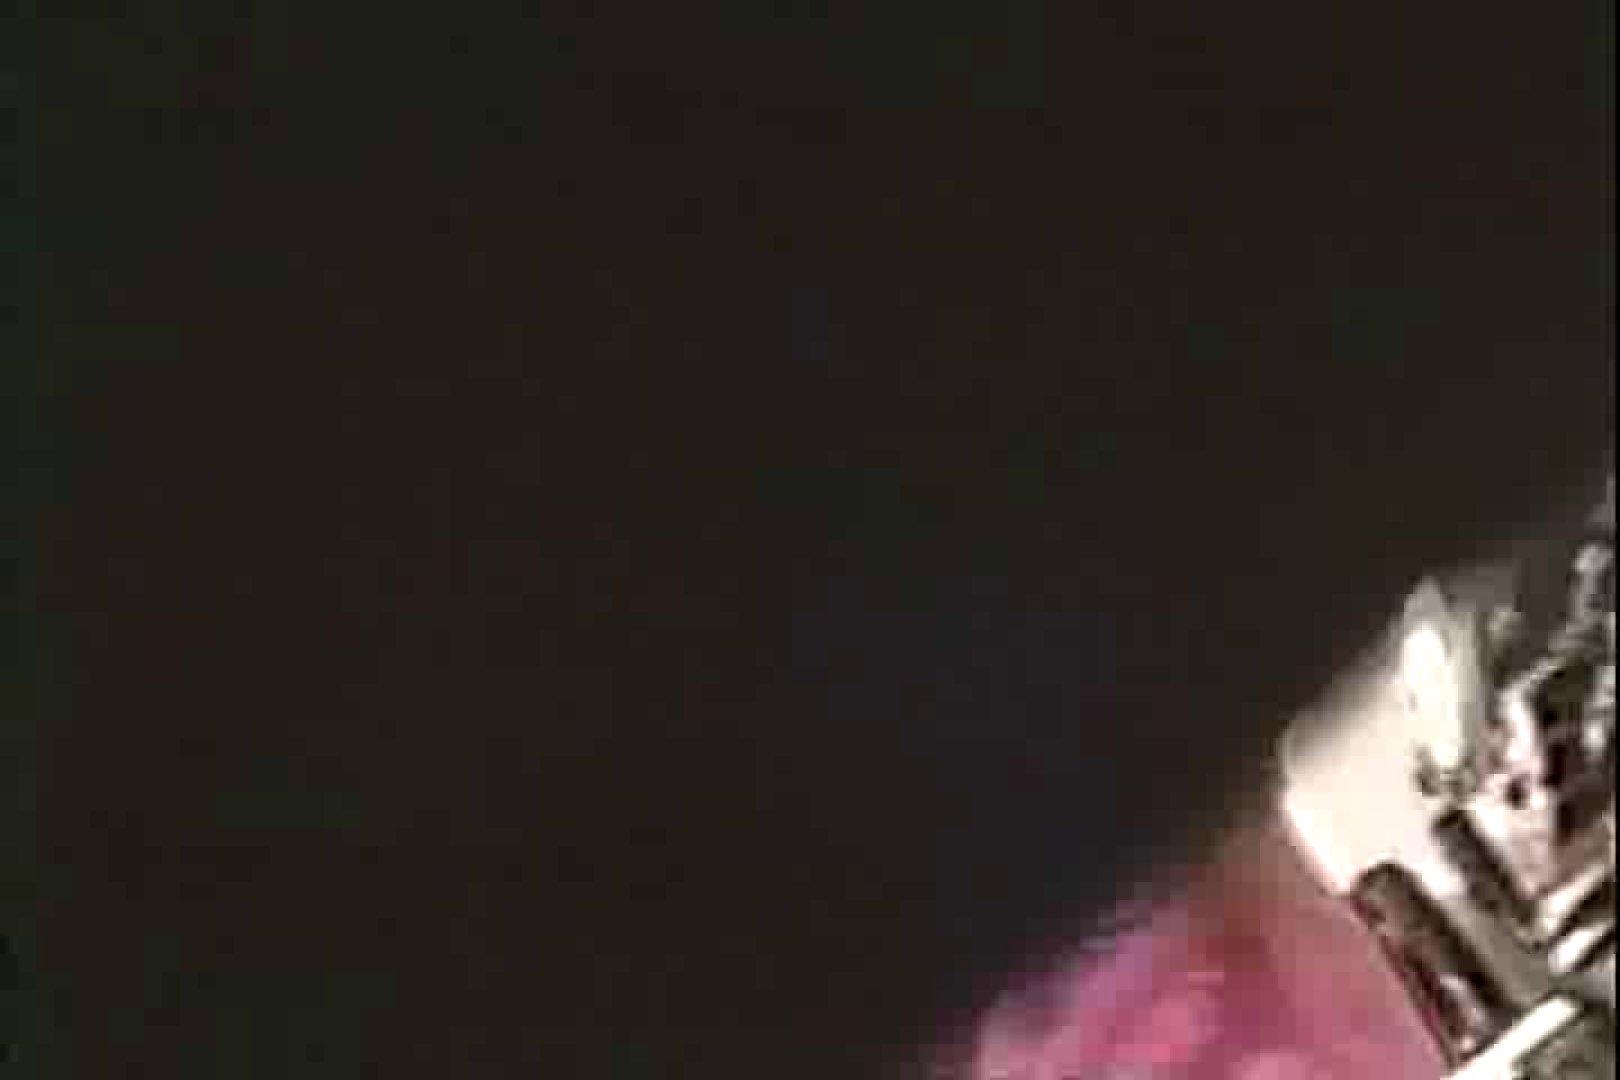 「ちくりん」さんのオリジナル未編集パンチラVol.6_01 チラ歓迎 すけべAV動画紹介 95pic 59